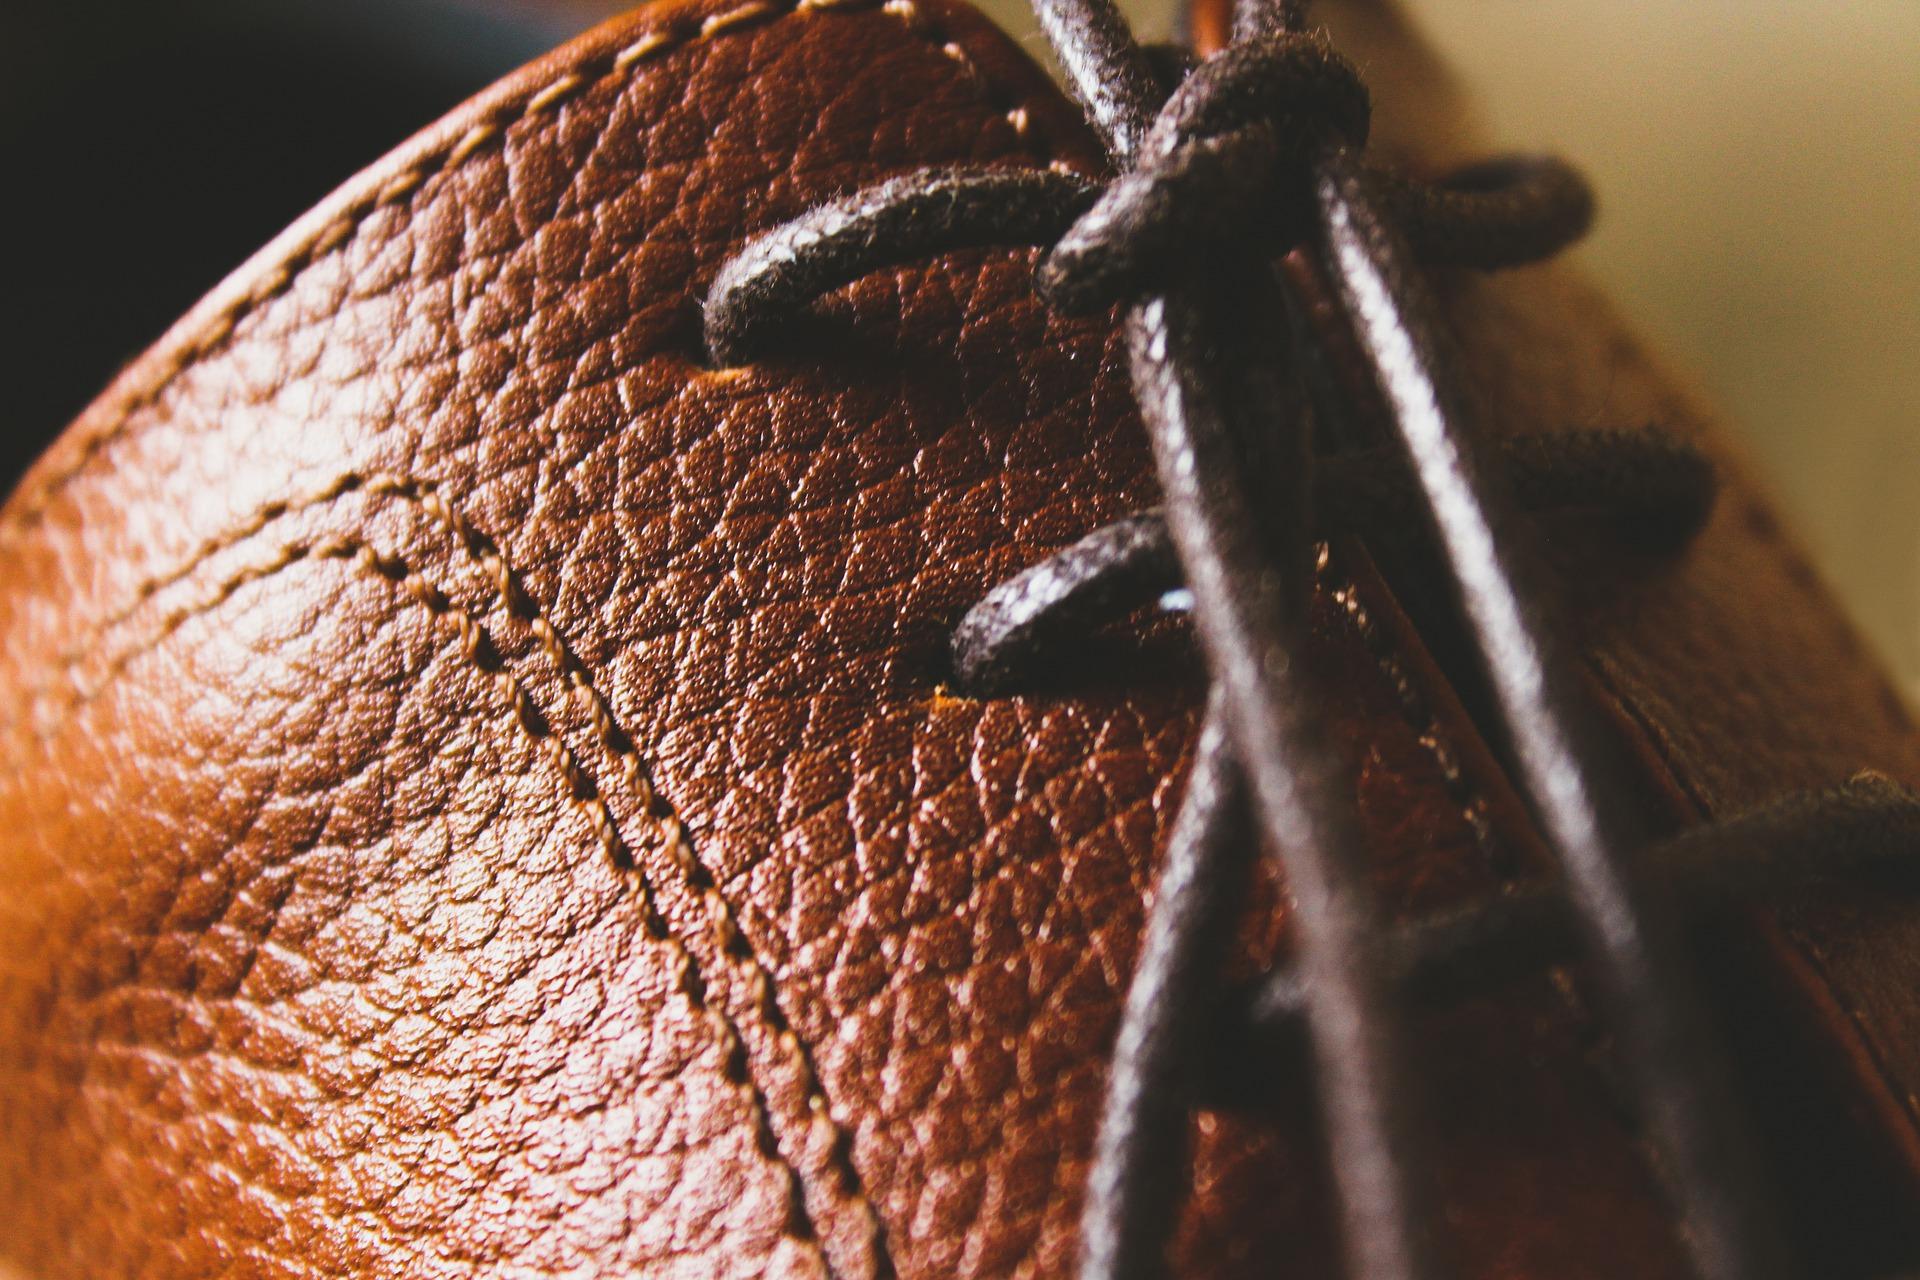 Boulder Shoe Repair repairs leather shoes in Boulder, Colorado